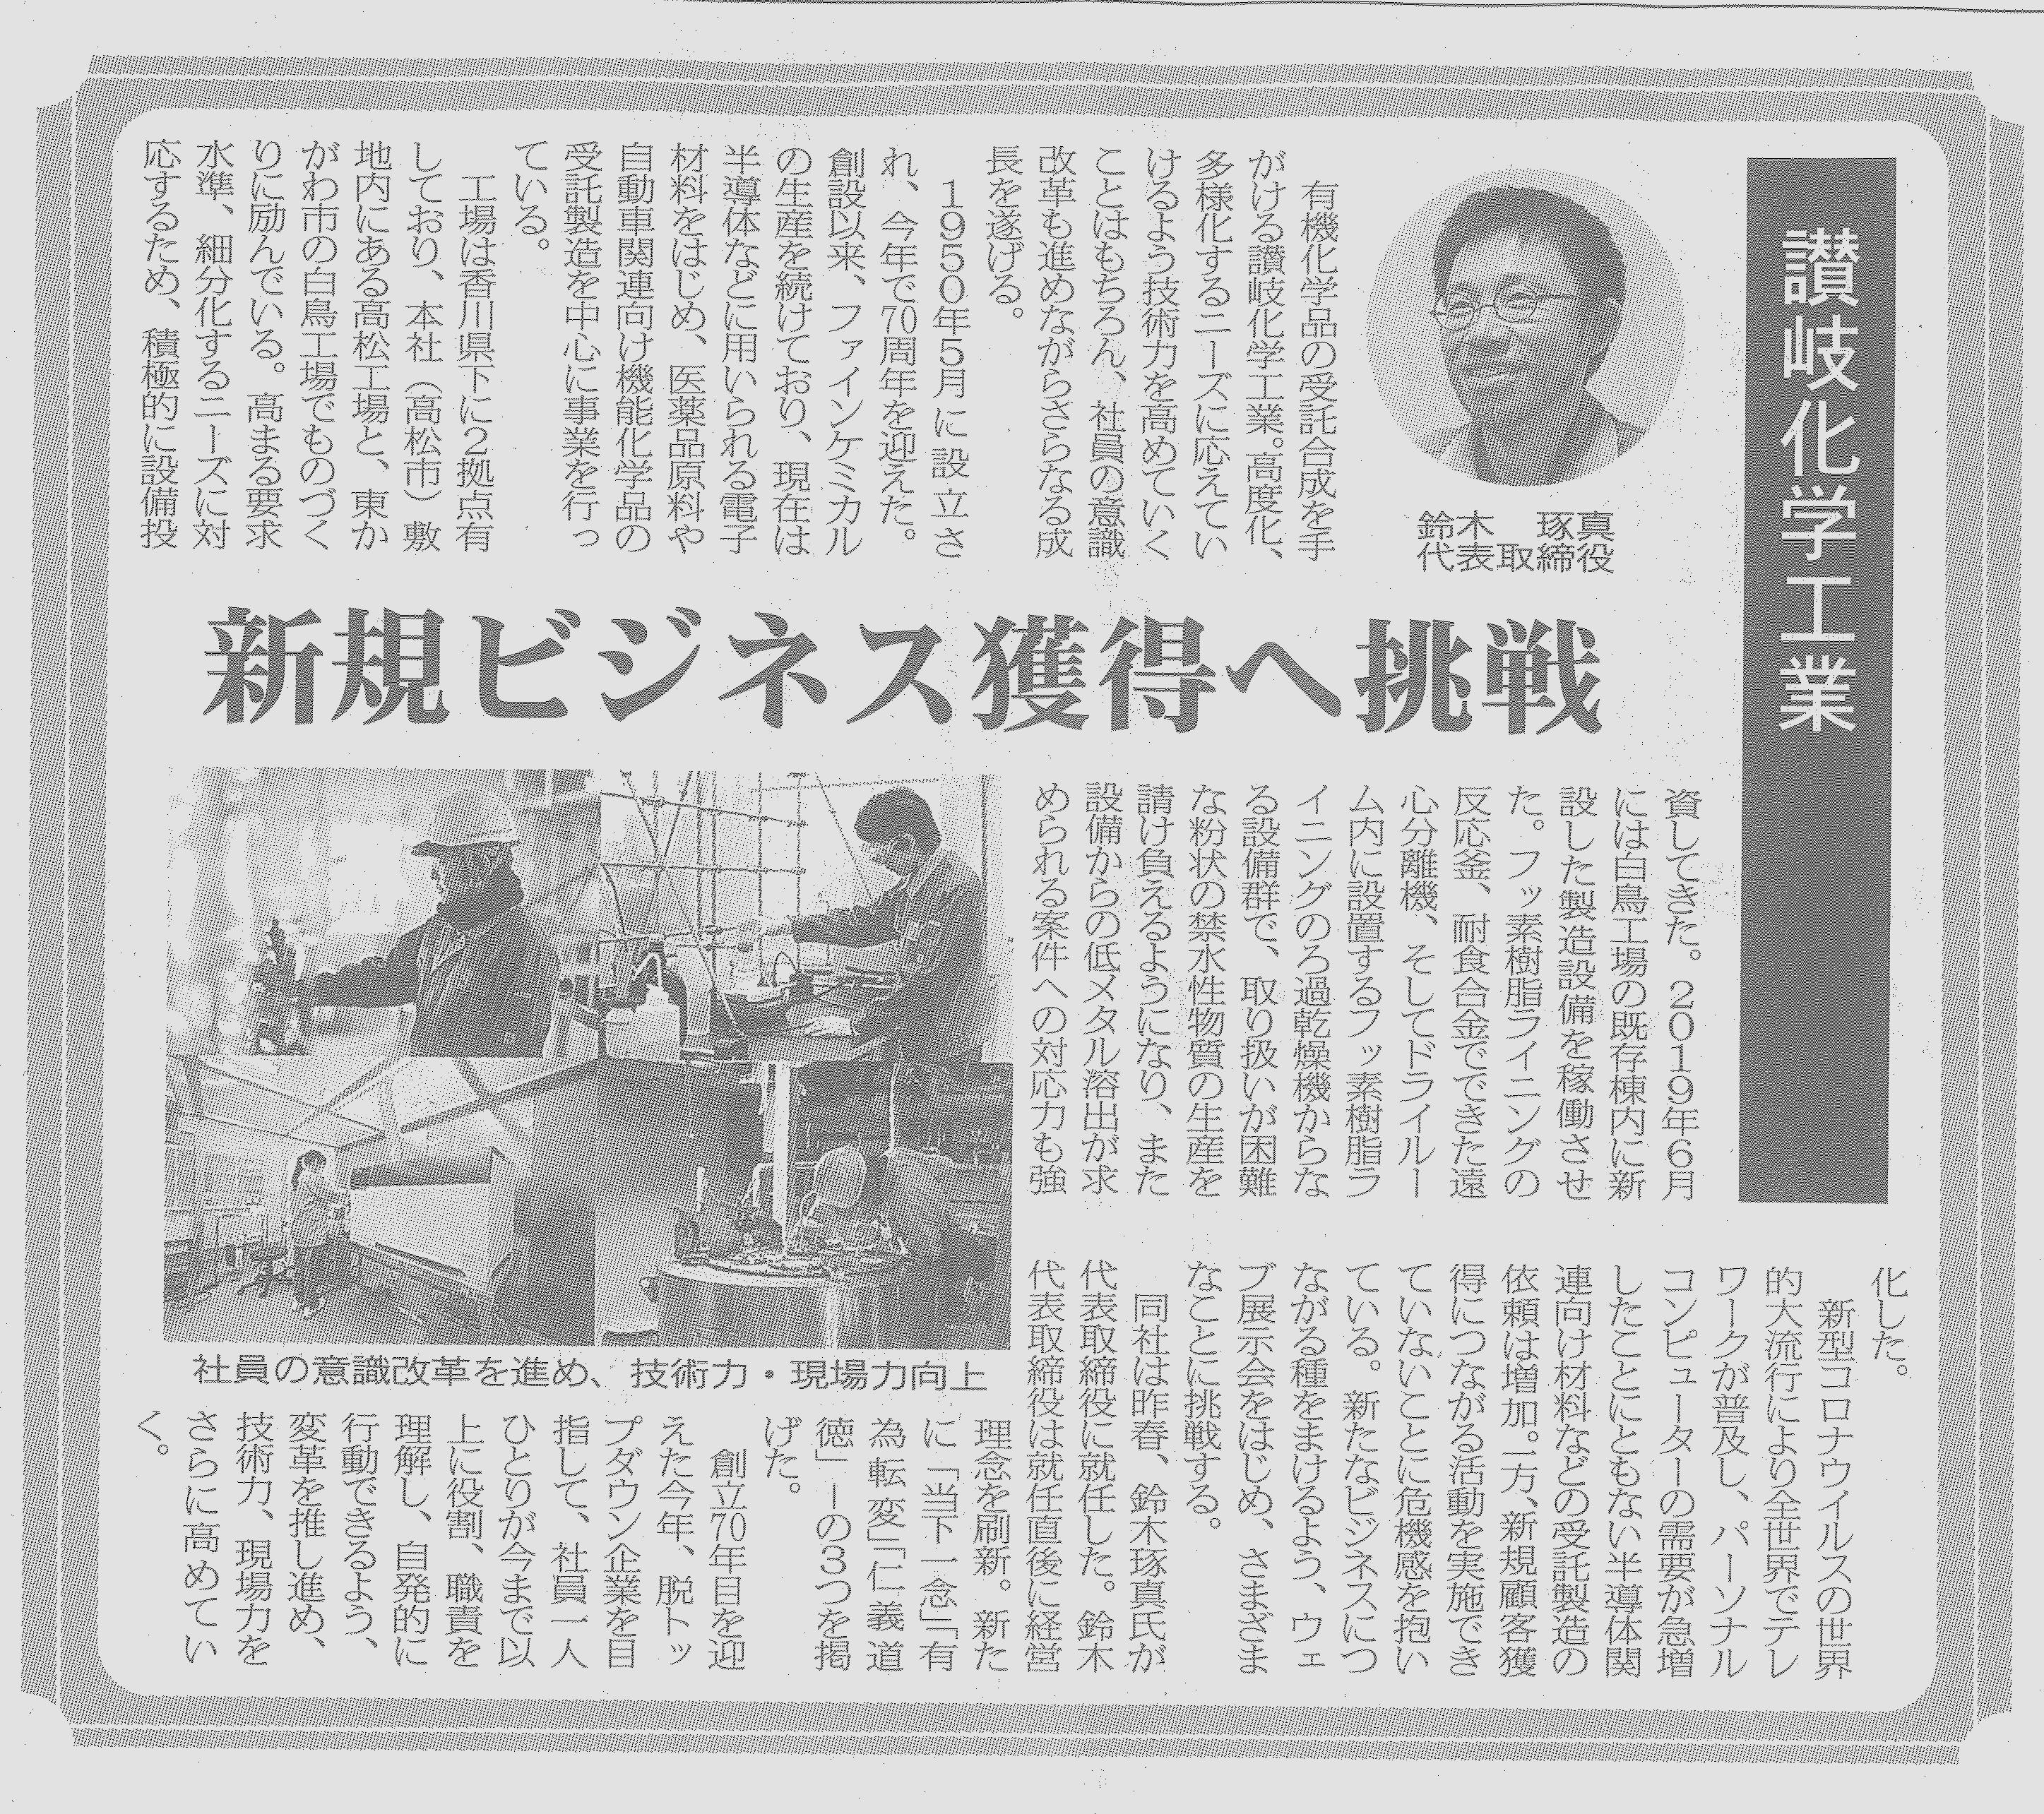 化学工業日報記事